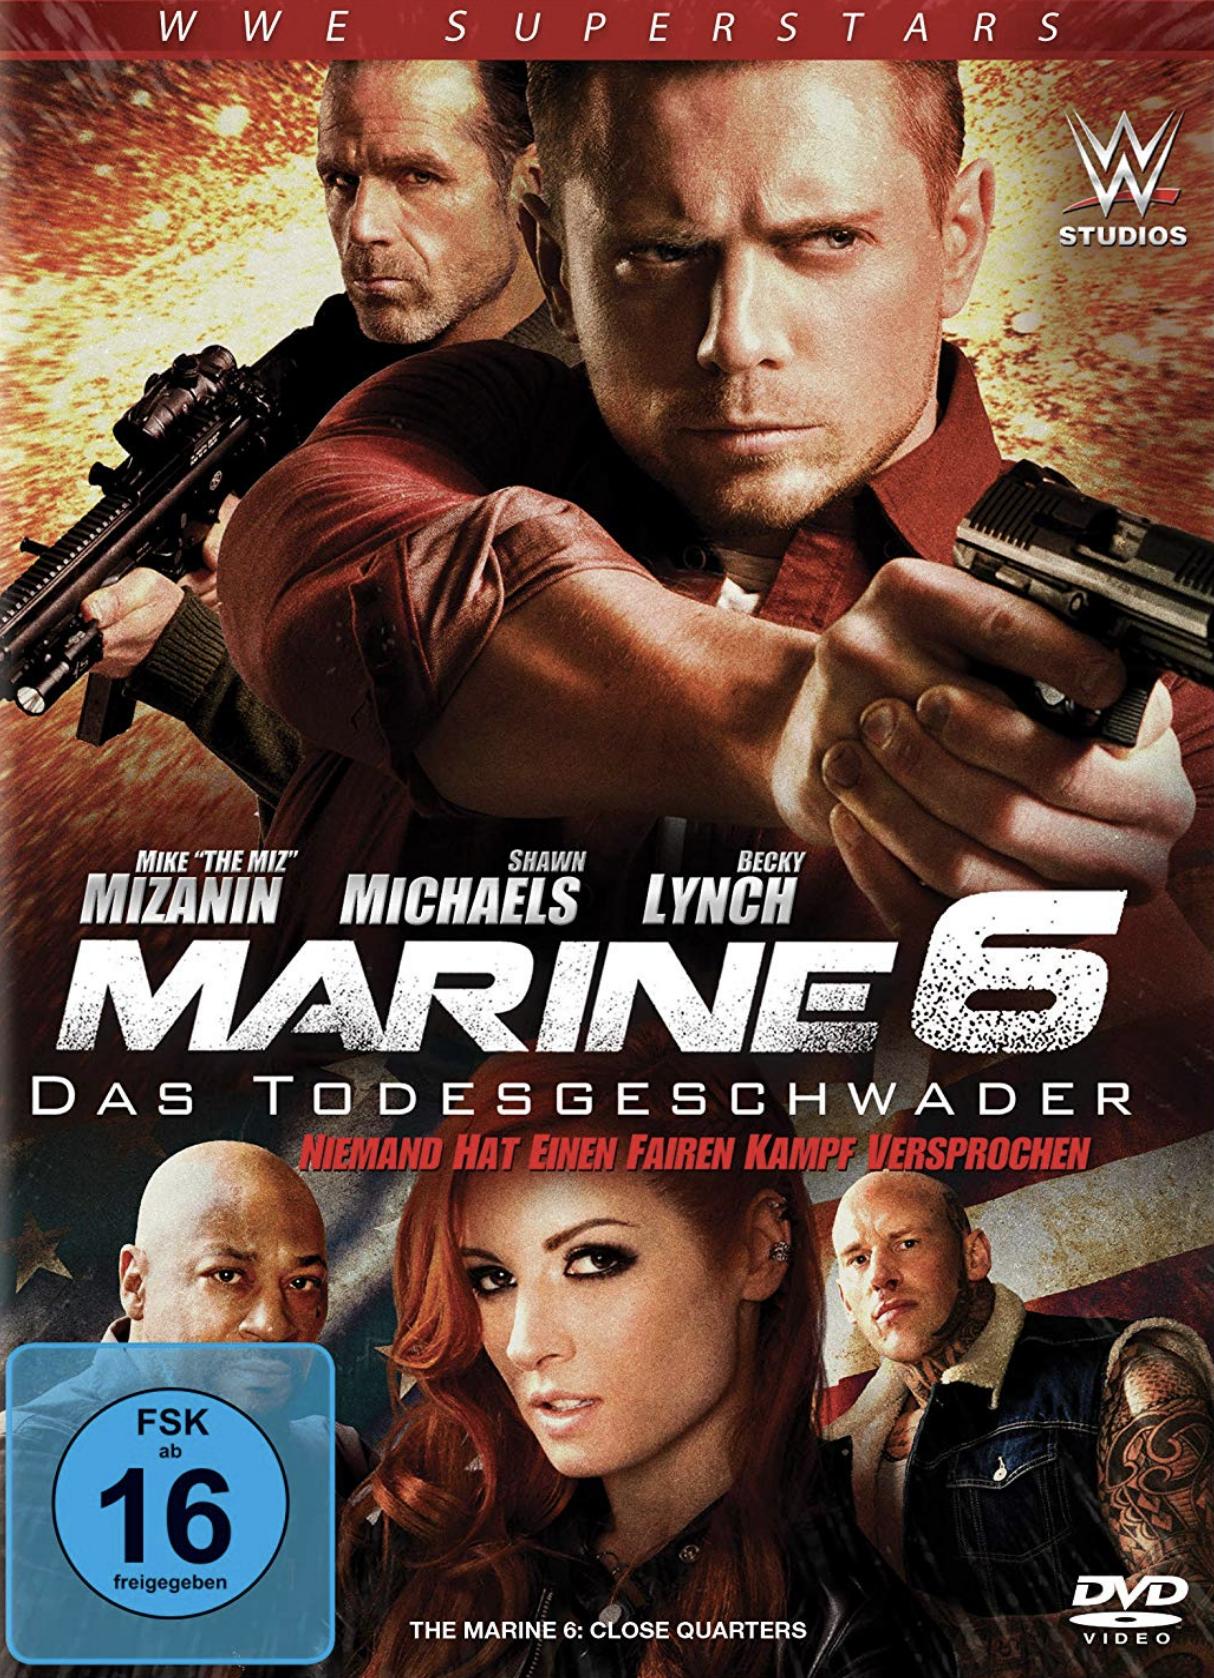 Marine 6 - Das Todesgeschwader